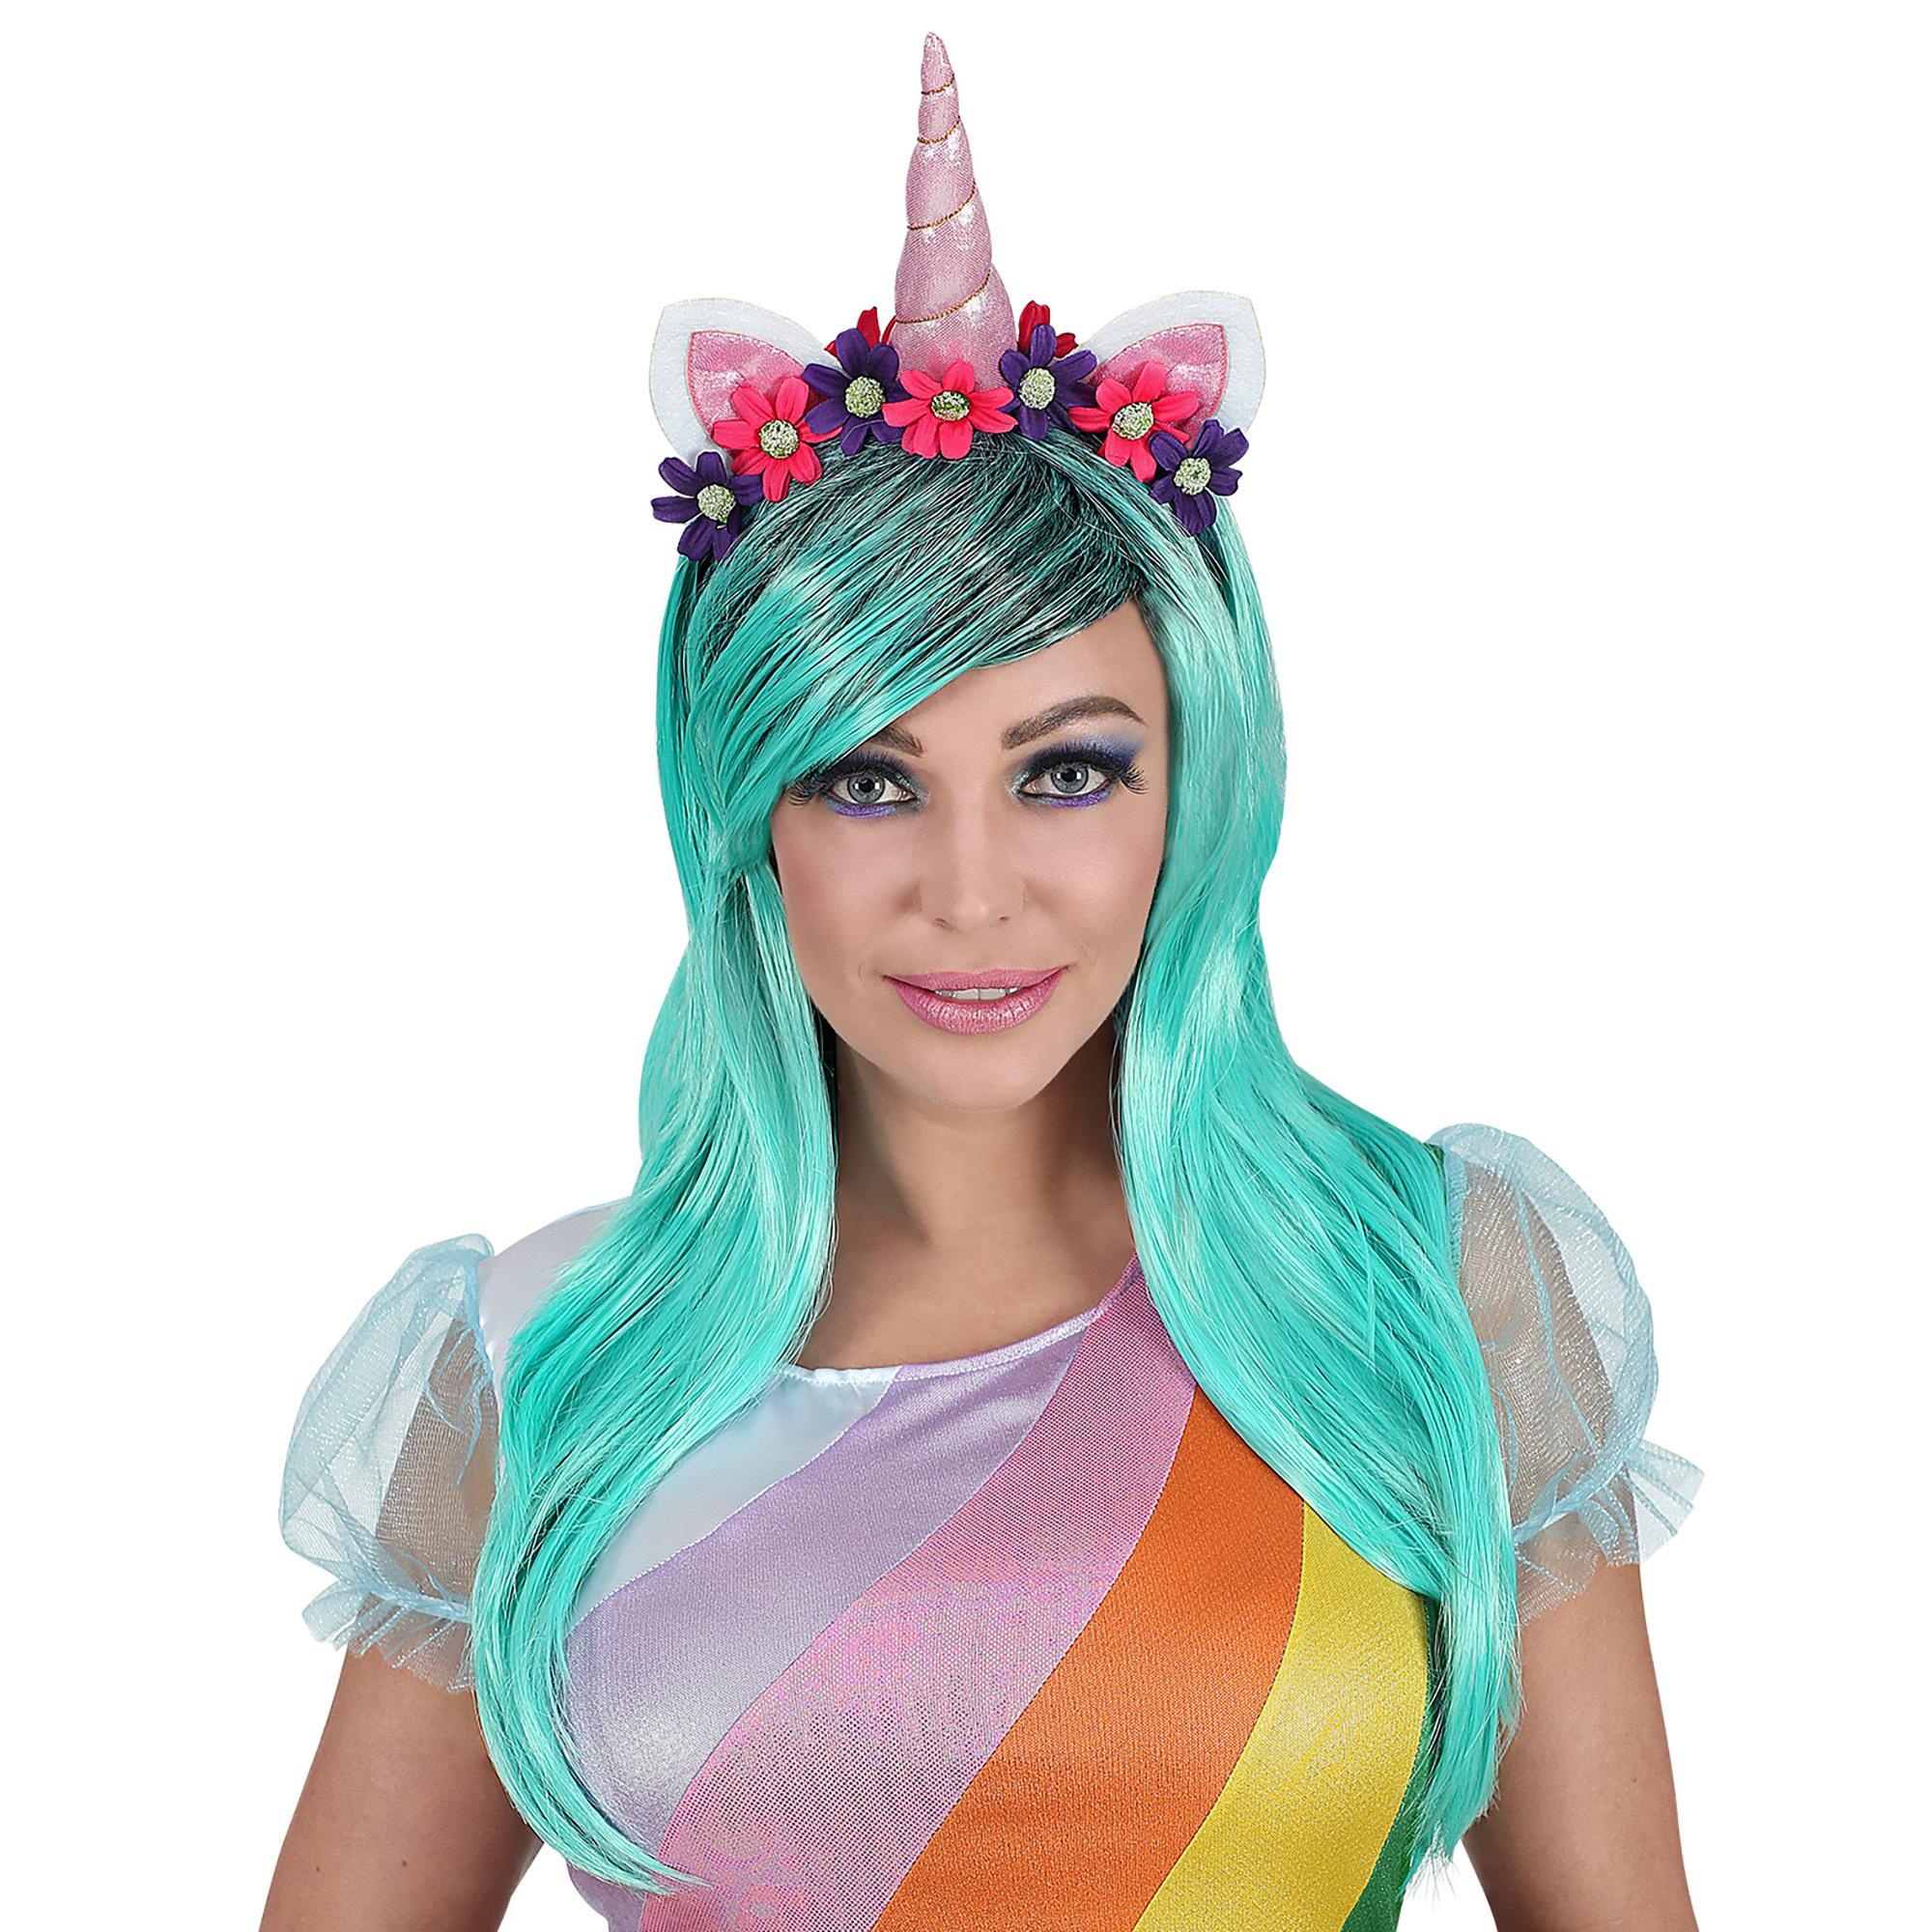 7d2031b2858c10 Eenhoorn unicorn blauw groene pruik met bloemetjes haarband